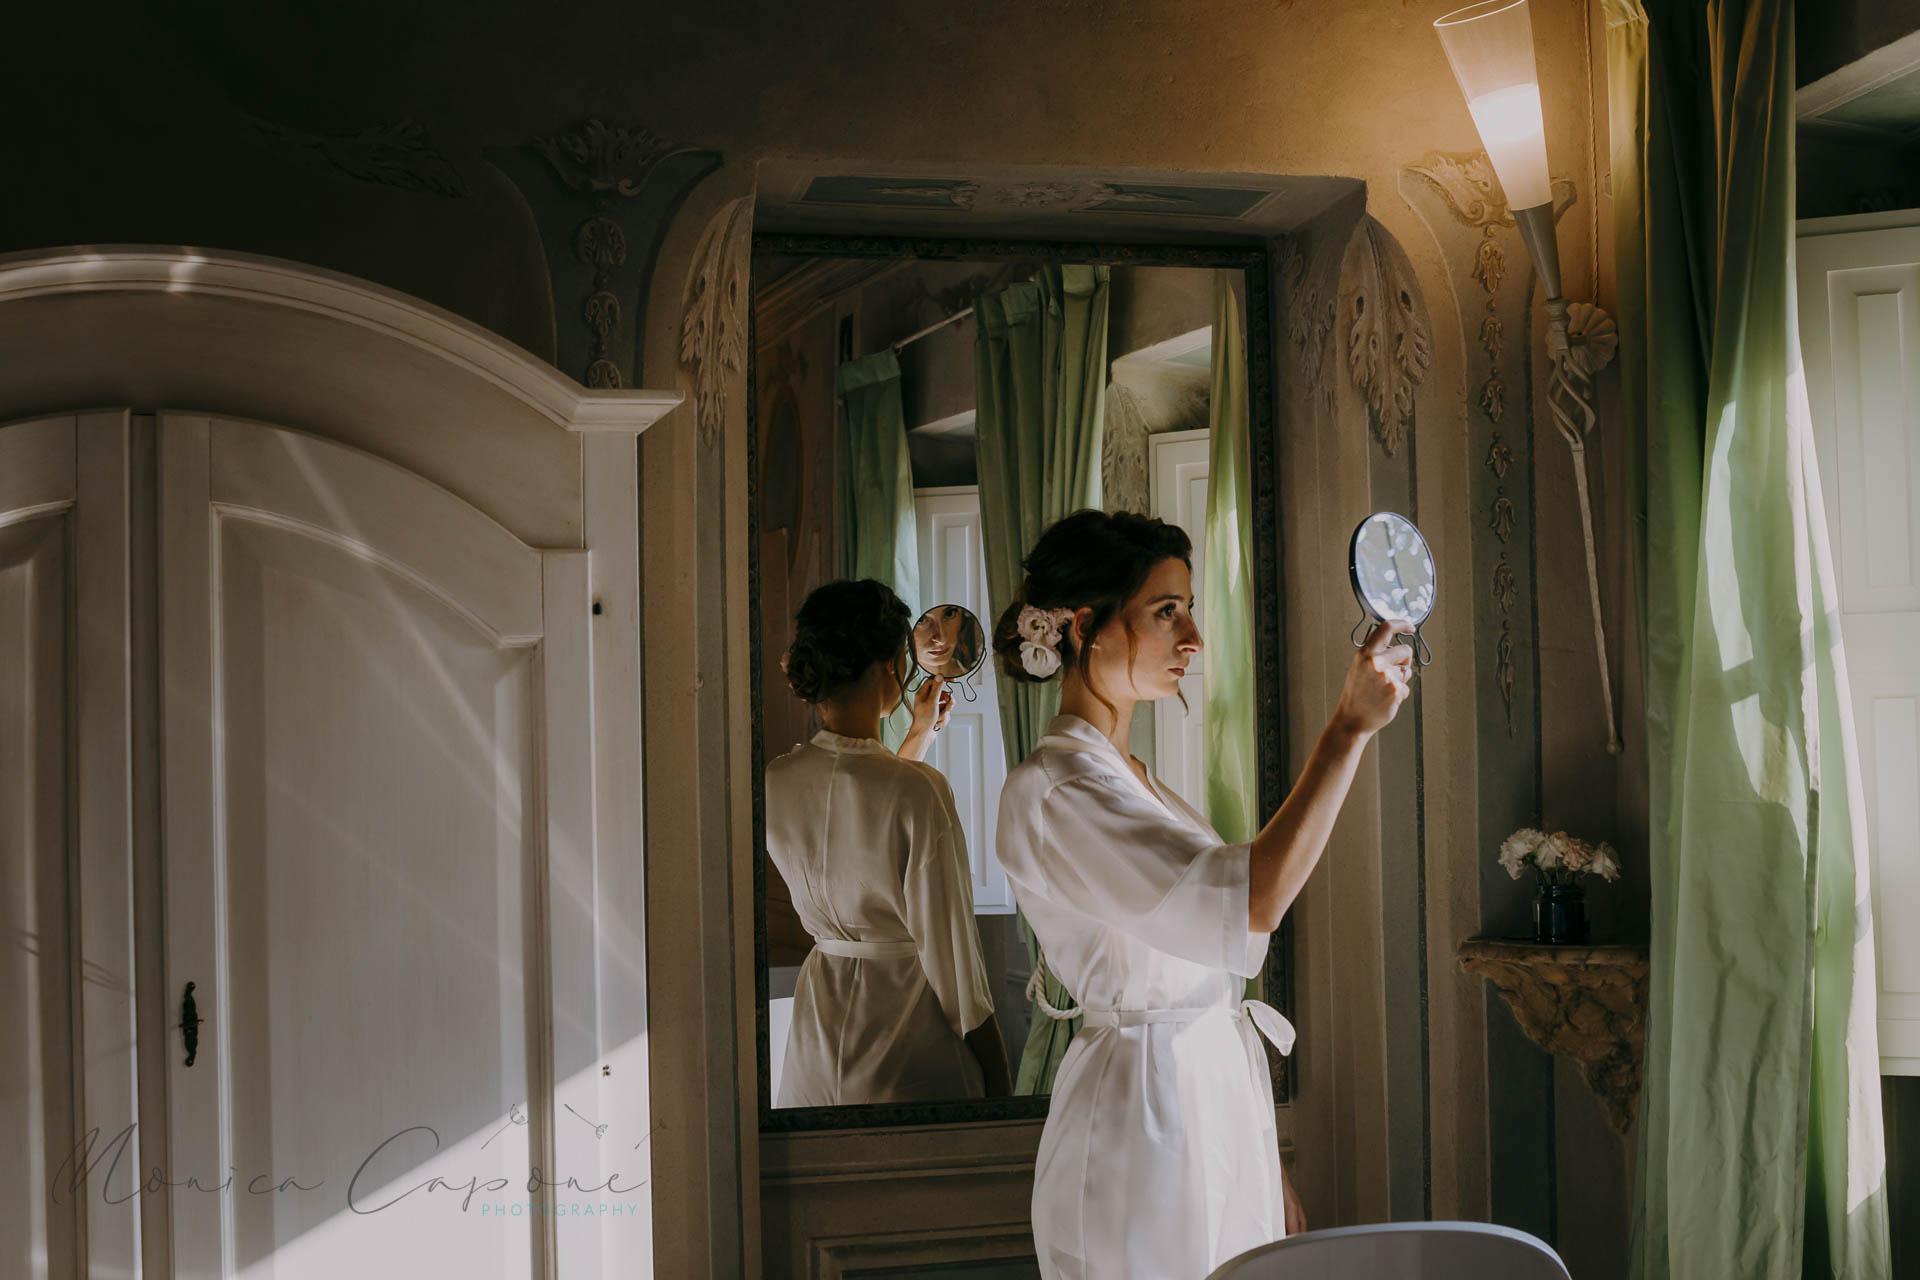 wedding-mirror-photos